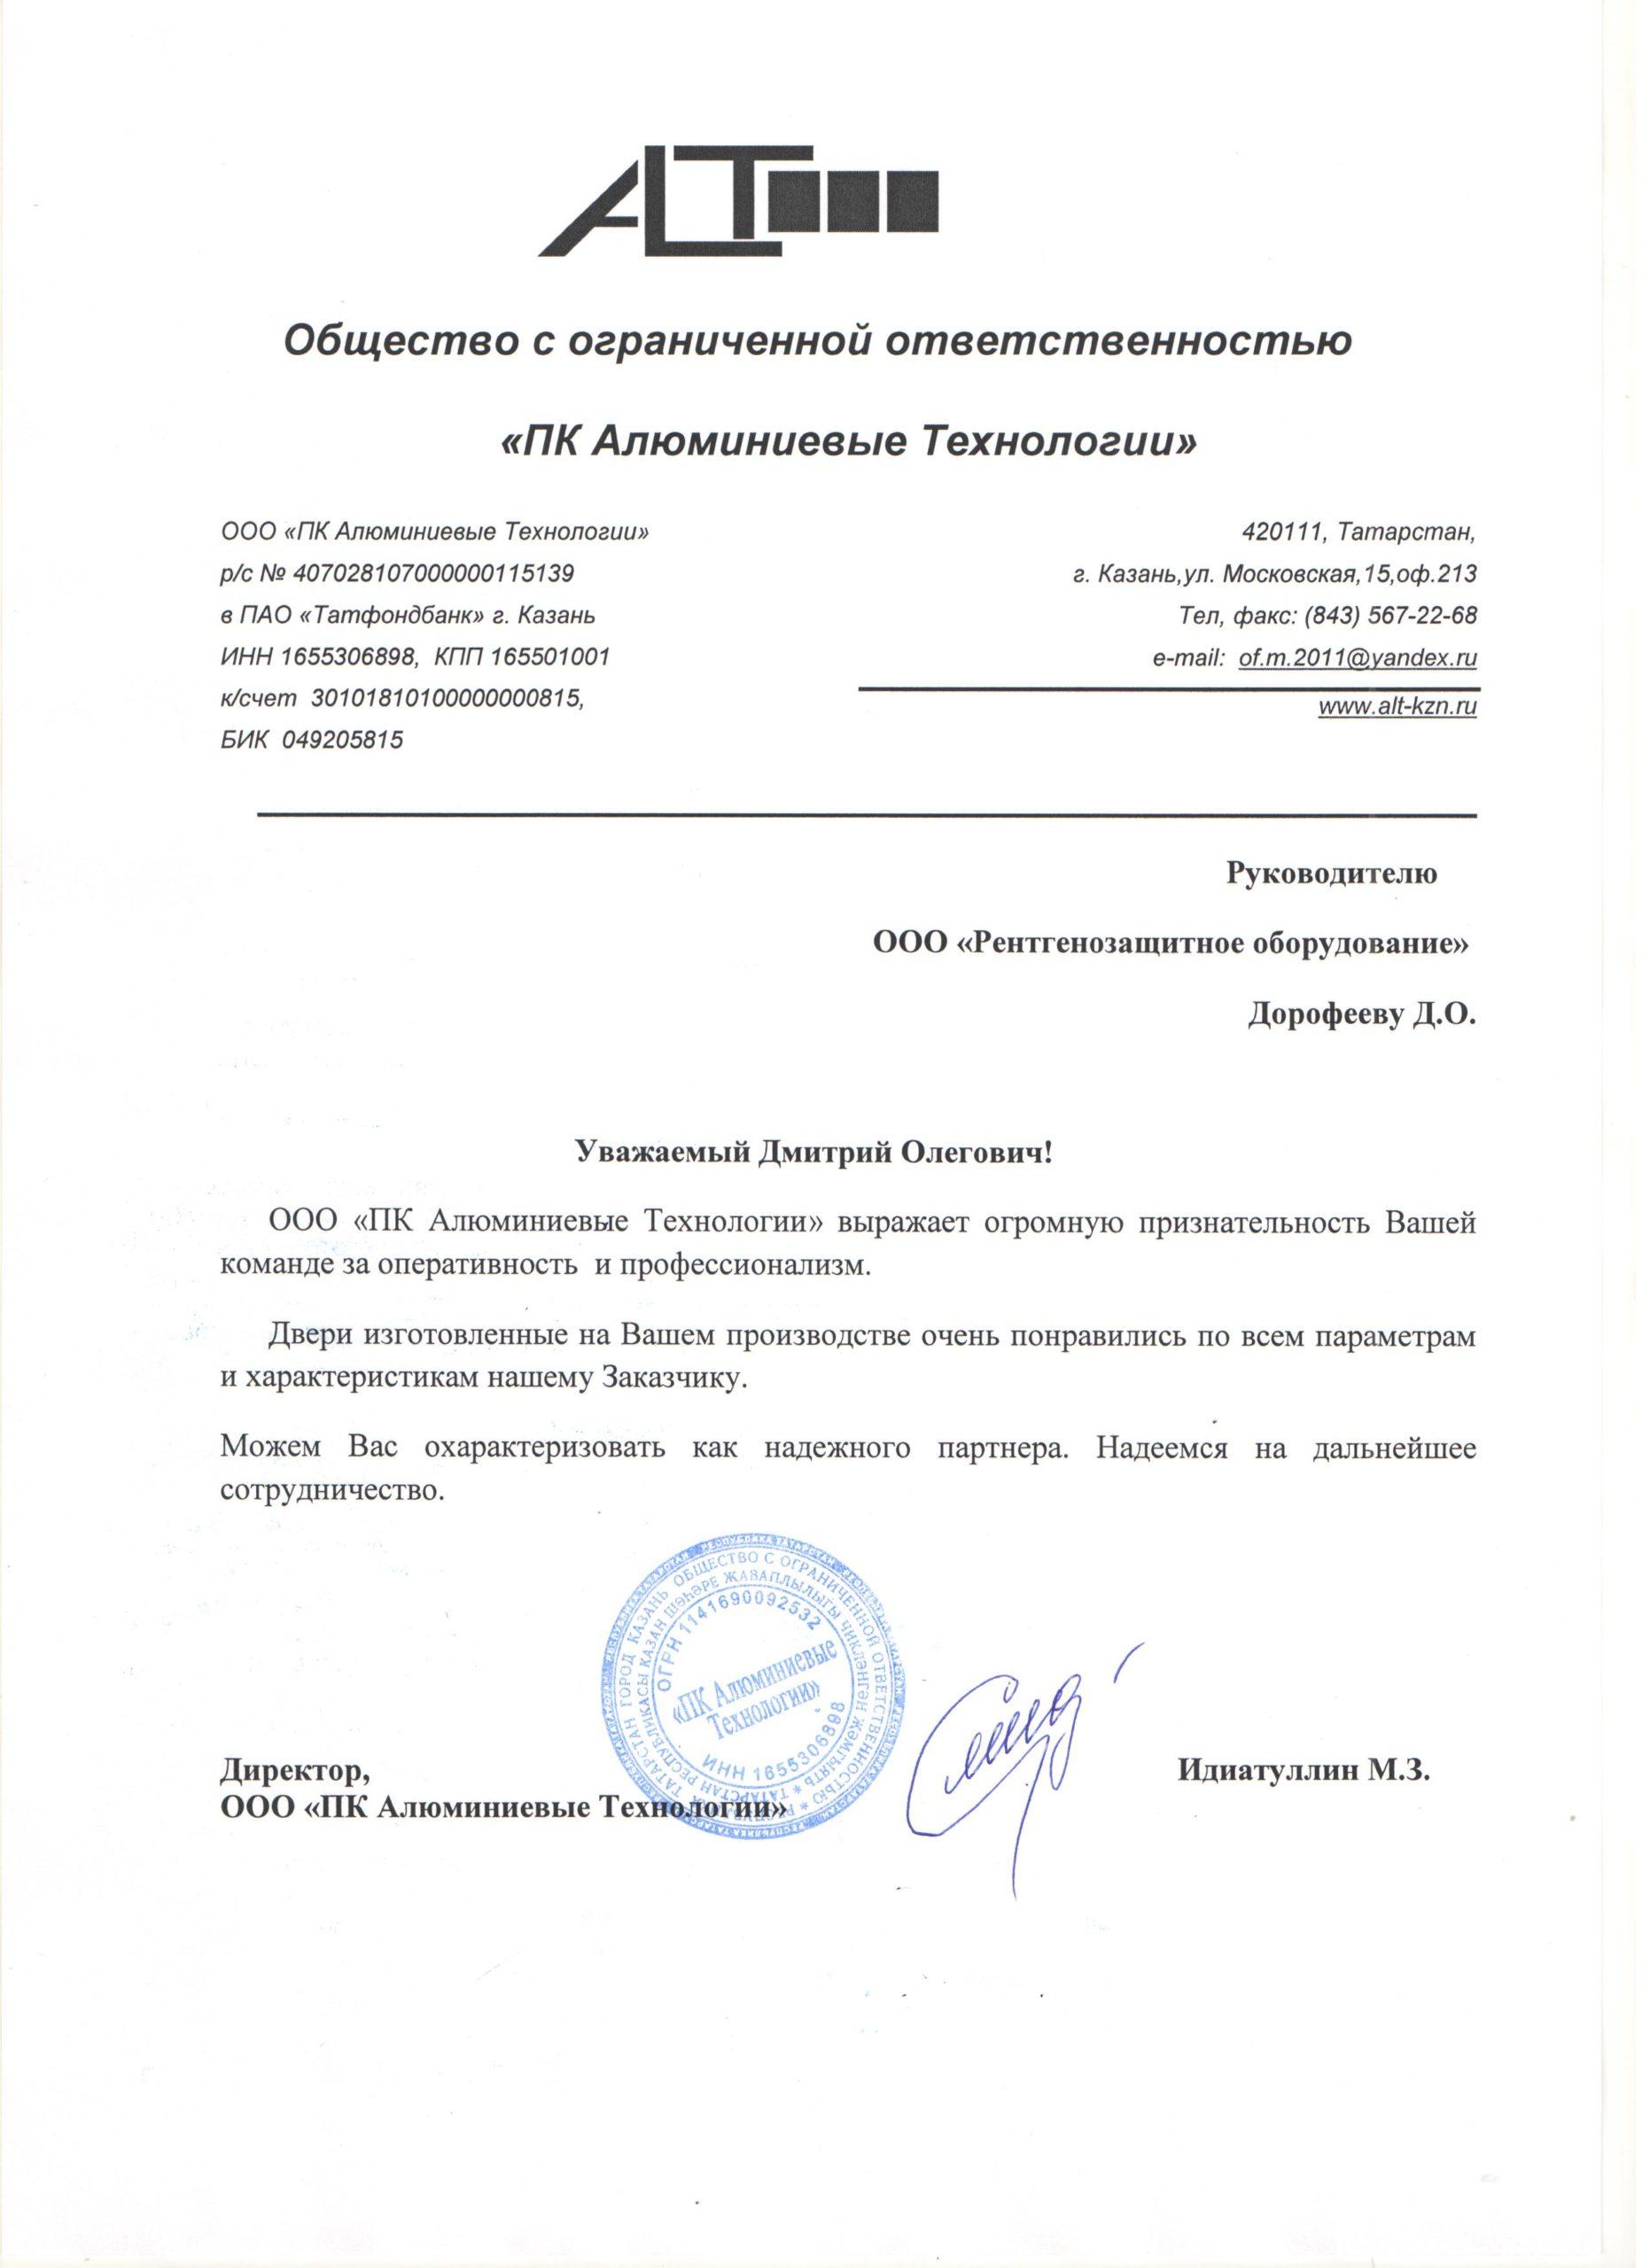 ООО «ПК Алюминевые технологии»